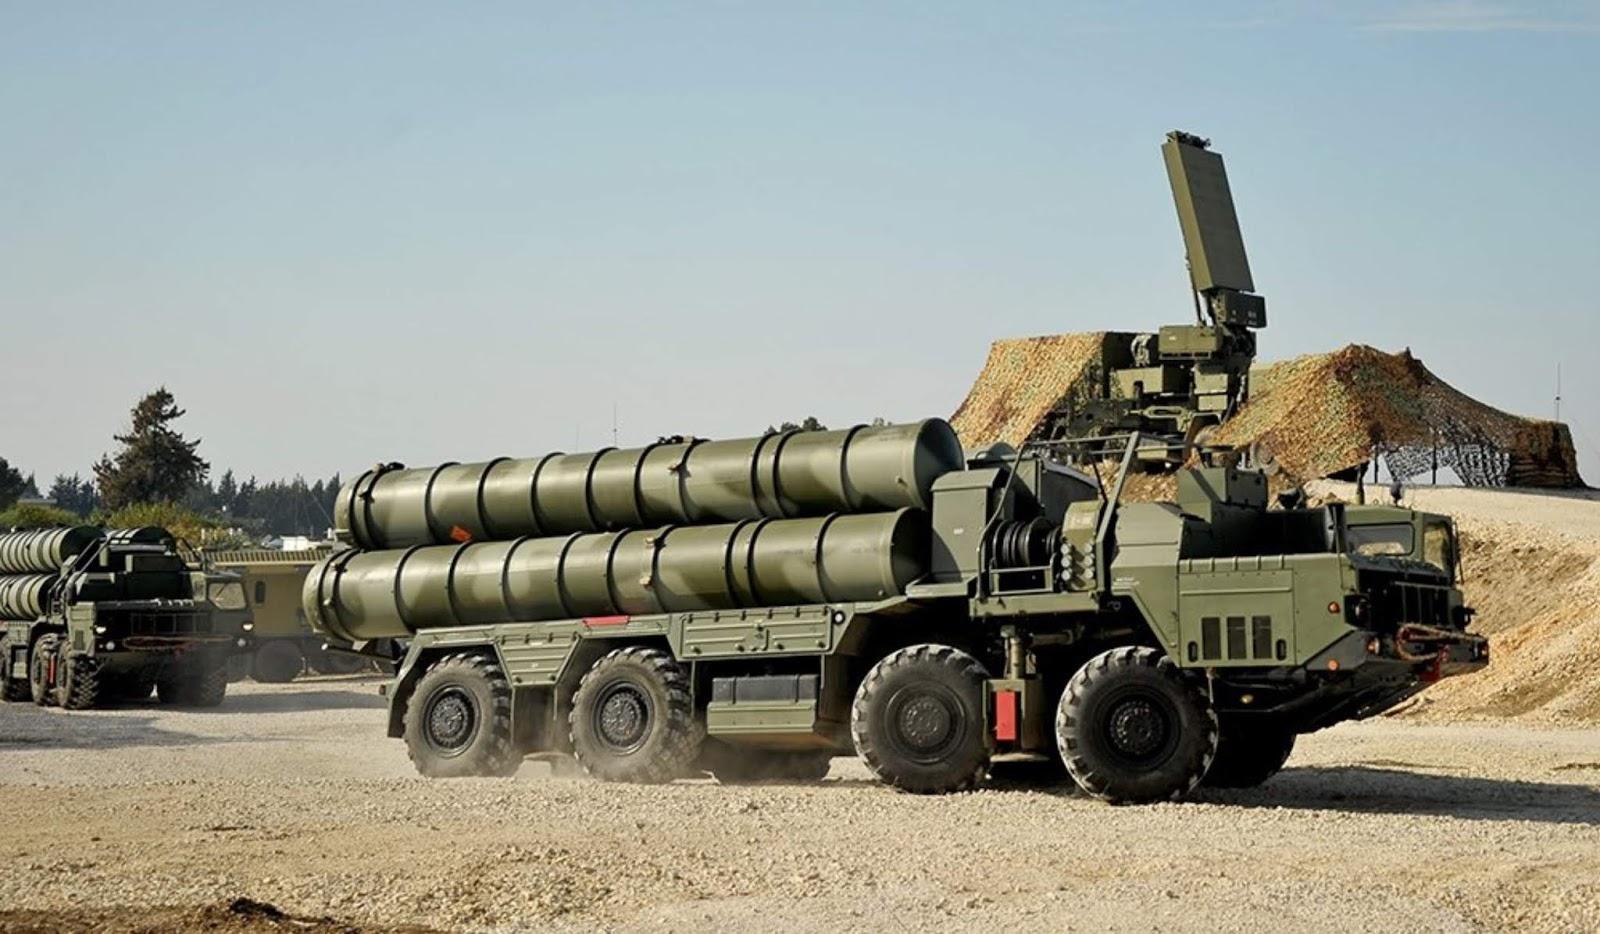 Perintah pengiriman S-300 ke Suriah pada waktu yang tepat